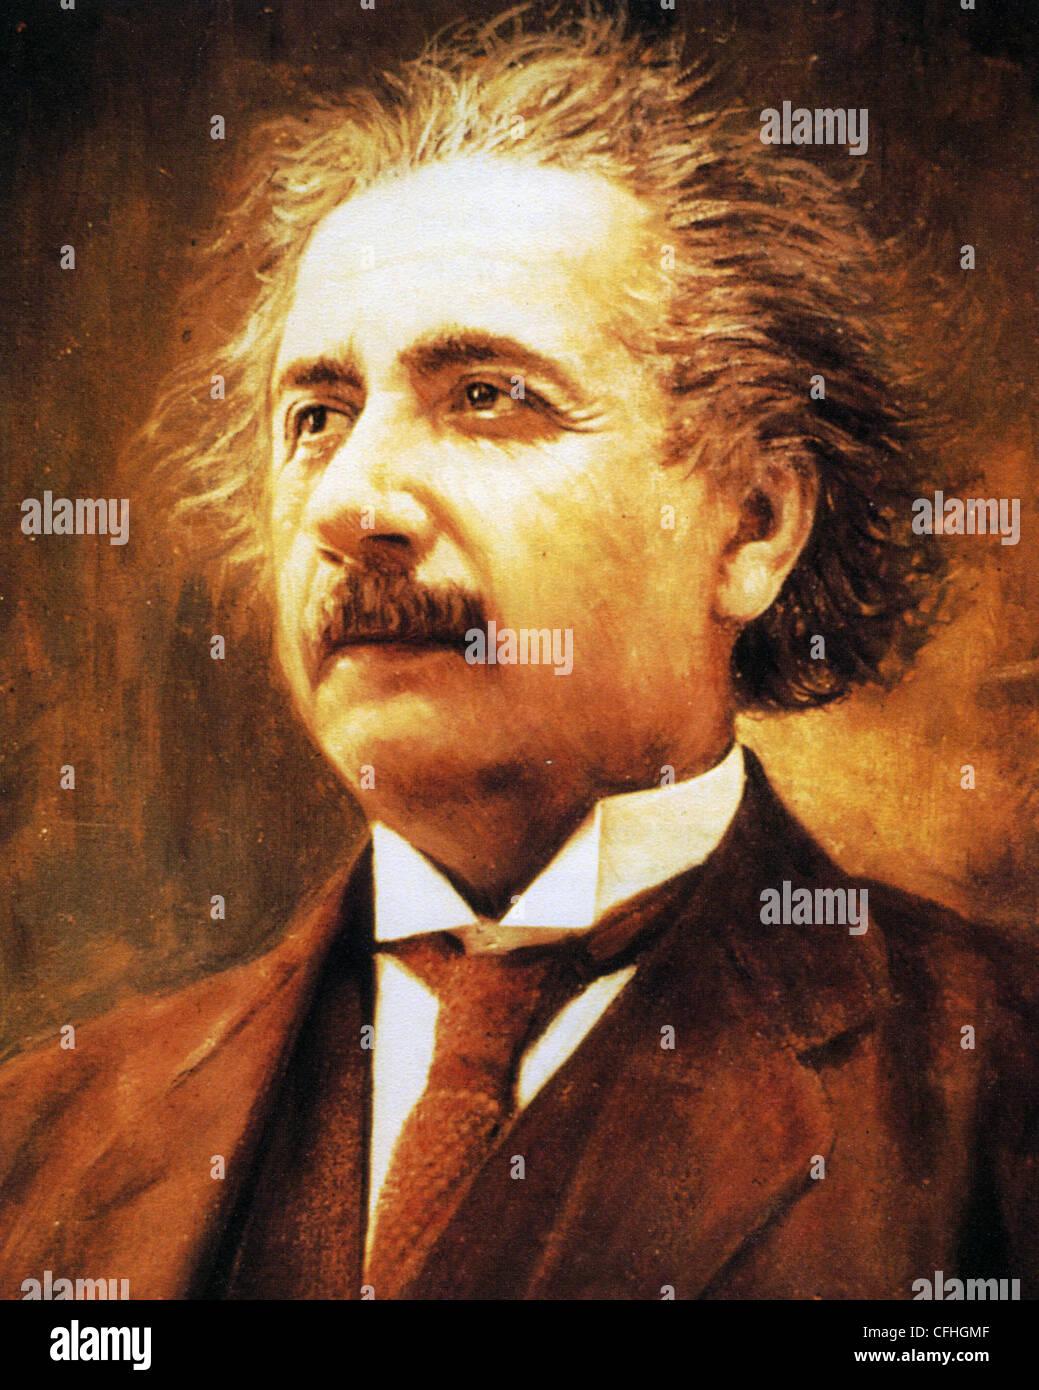 Deutschland geborene Physiker ALBERT EINSTEIN (1879-1955) Stockbild